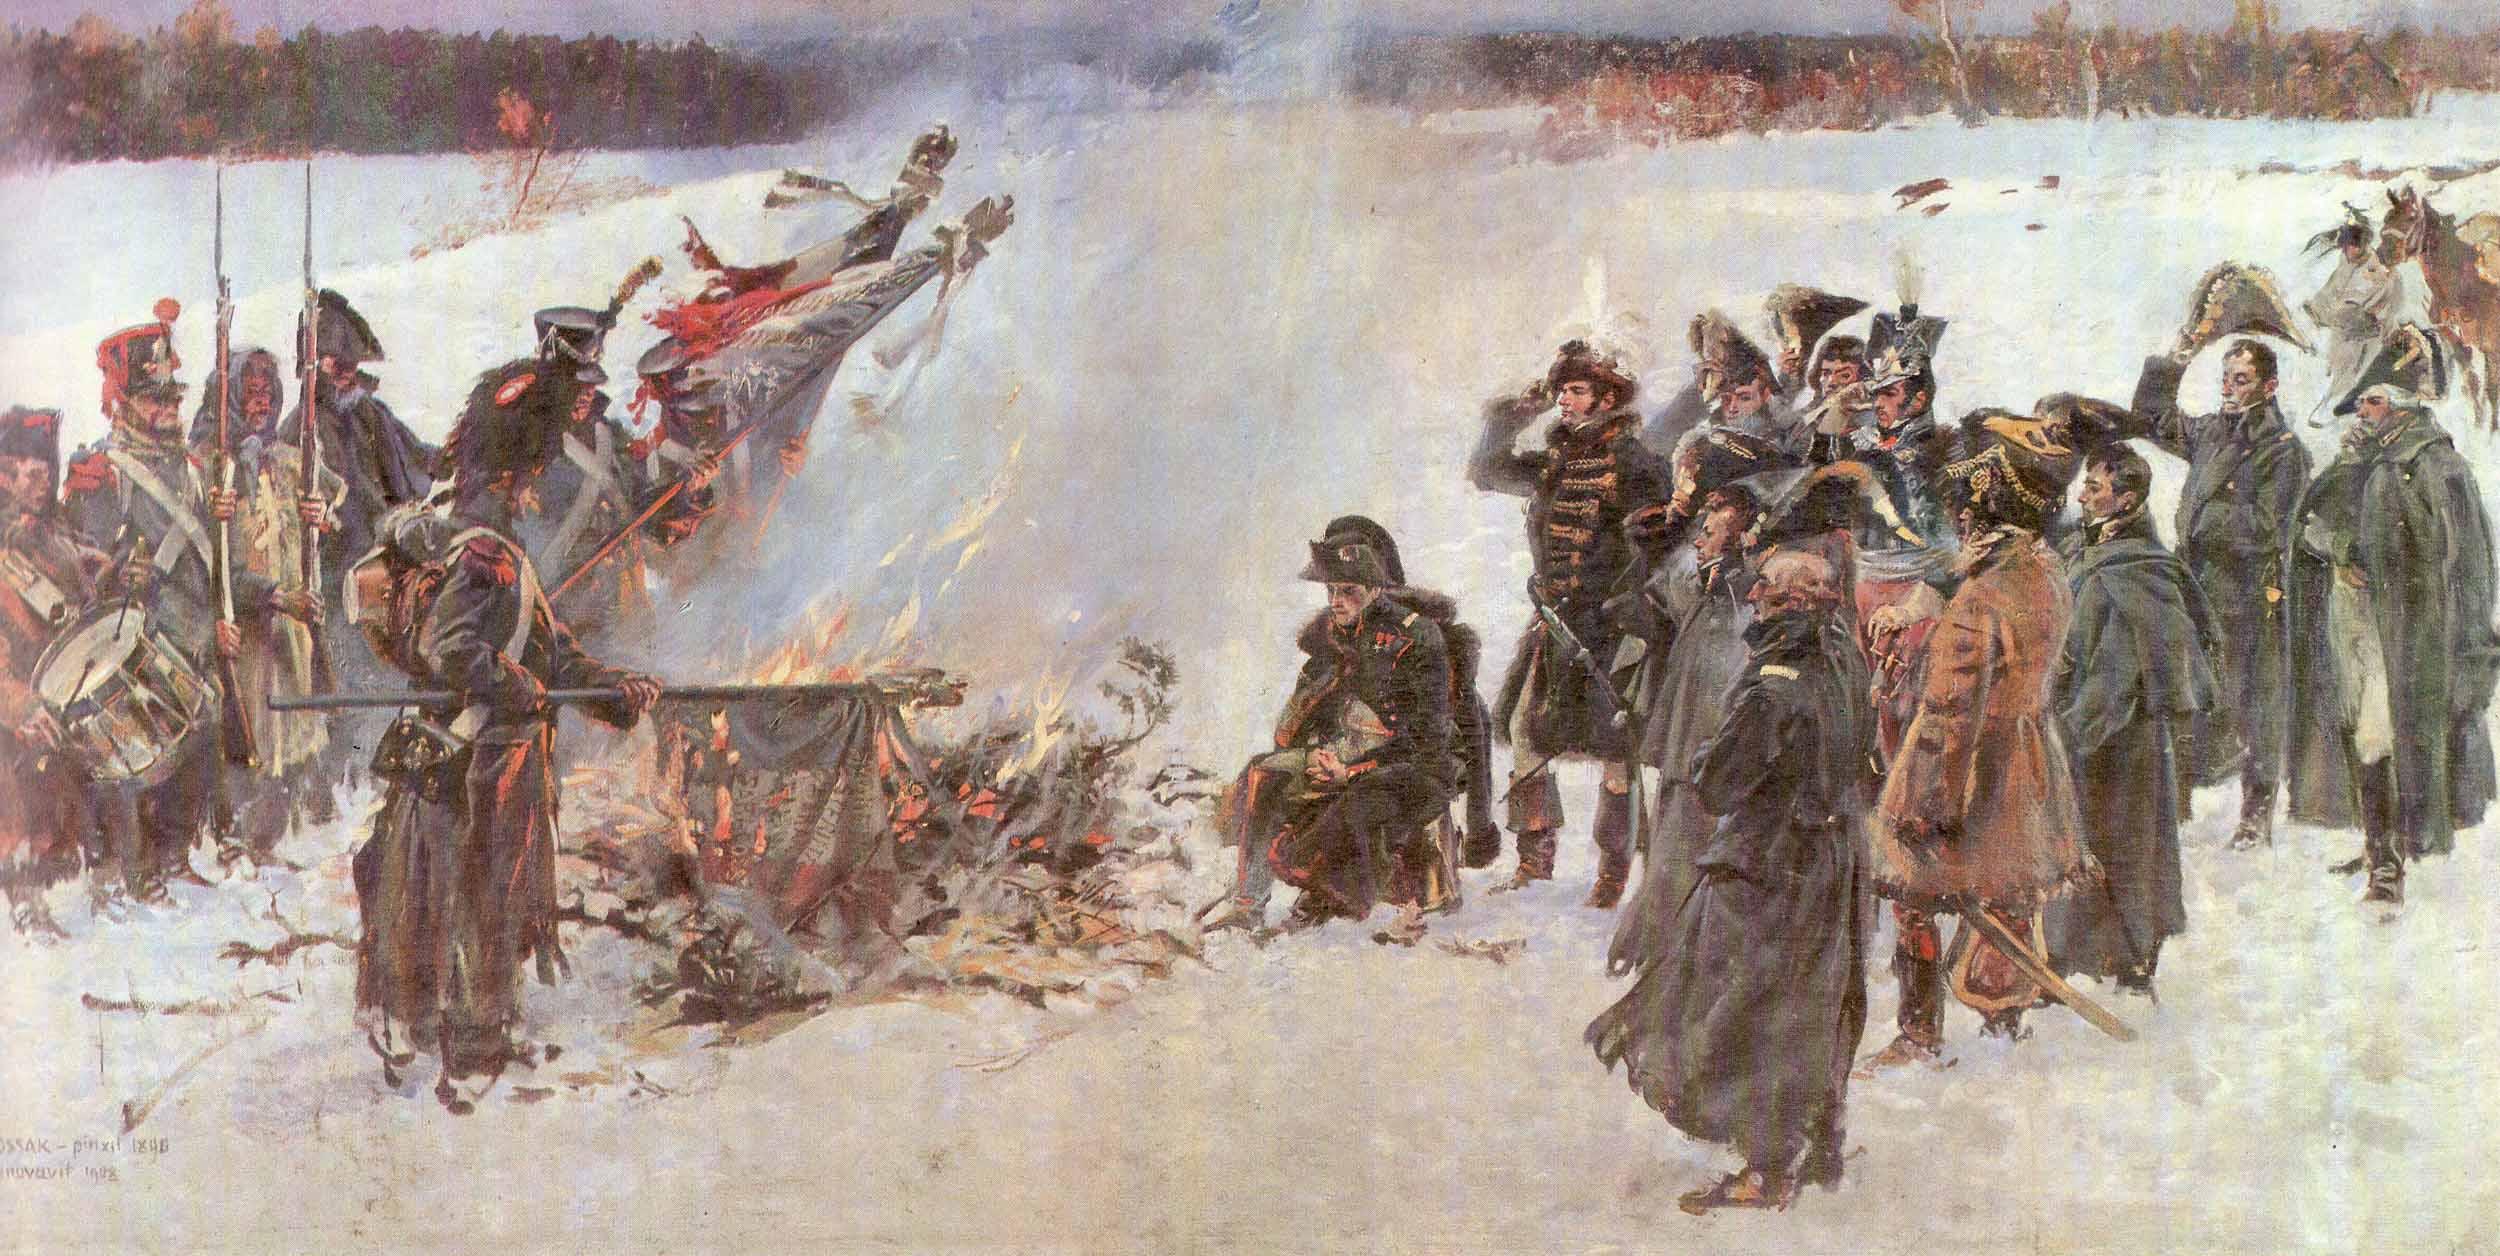 Почему наполеон бонапарт не смог завоевать россию в 1812 год.